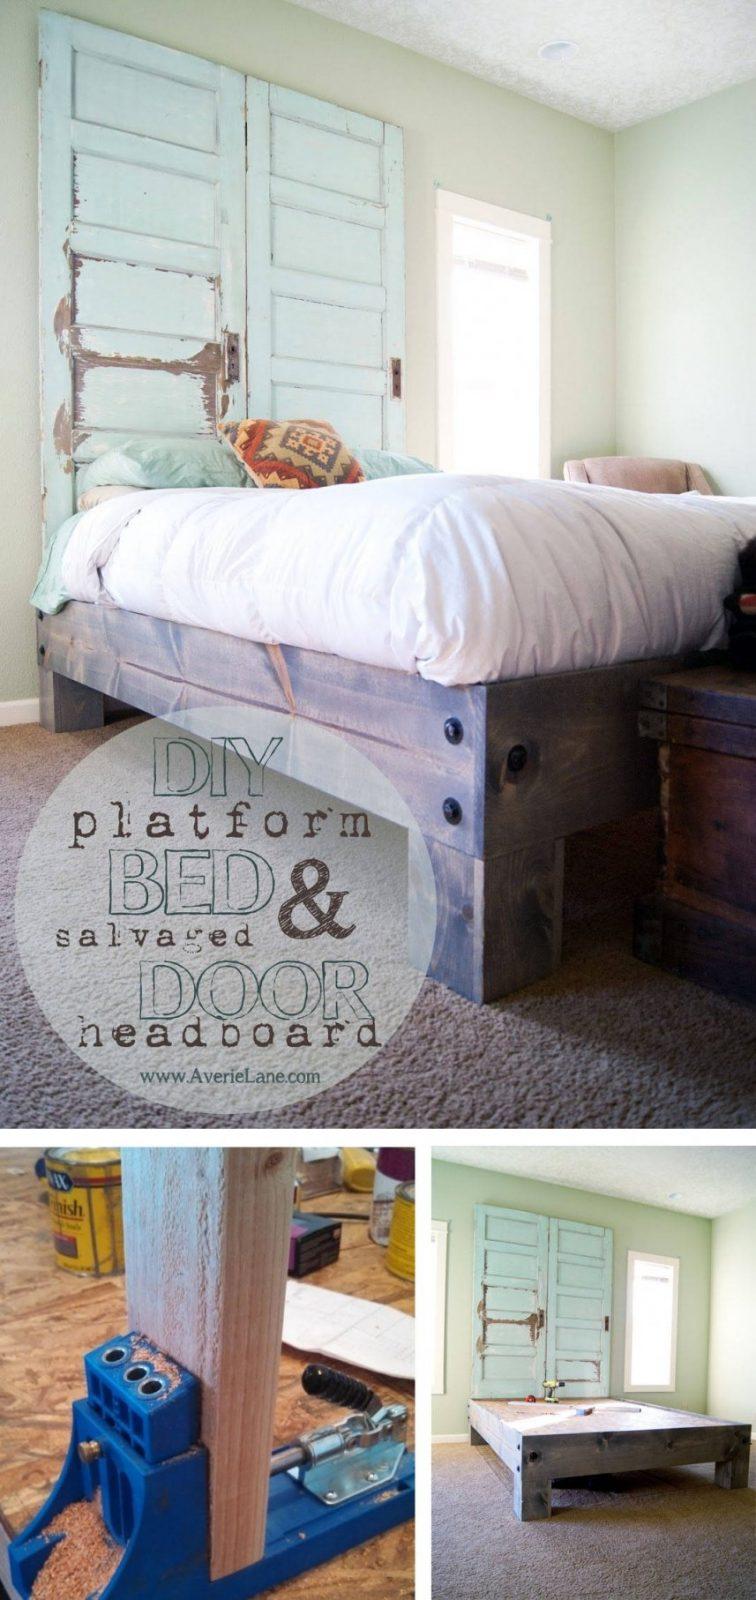 Bett Selber Bauen12 Einmalige Diy Bett Und Bettrahmen Ideen von Bett Bauen Mit Stauraum Photo